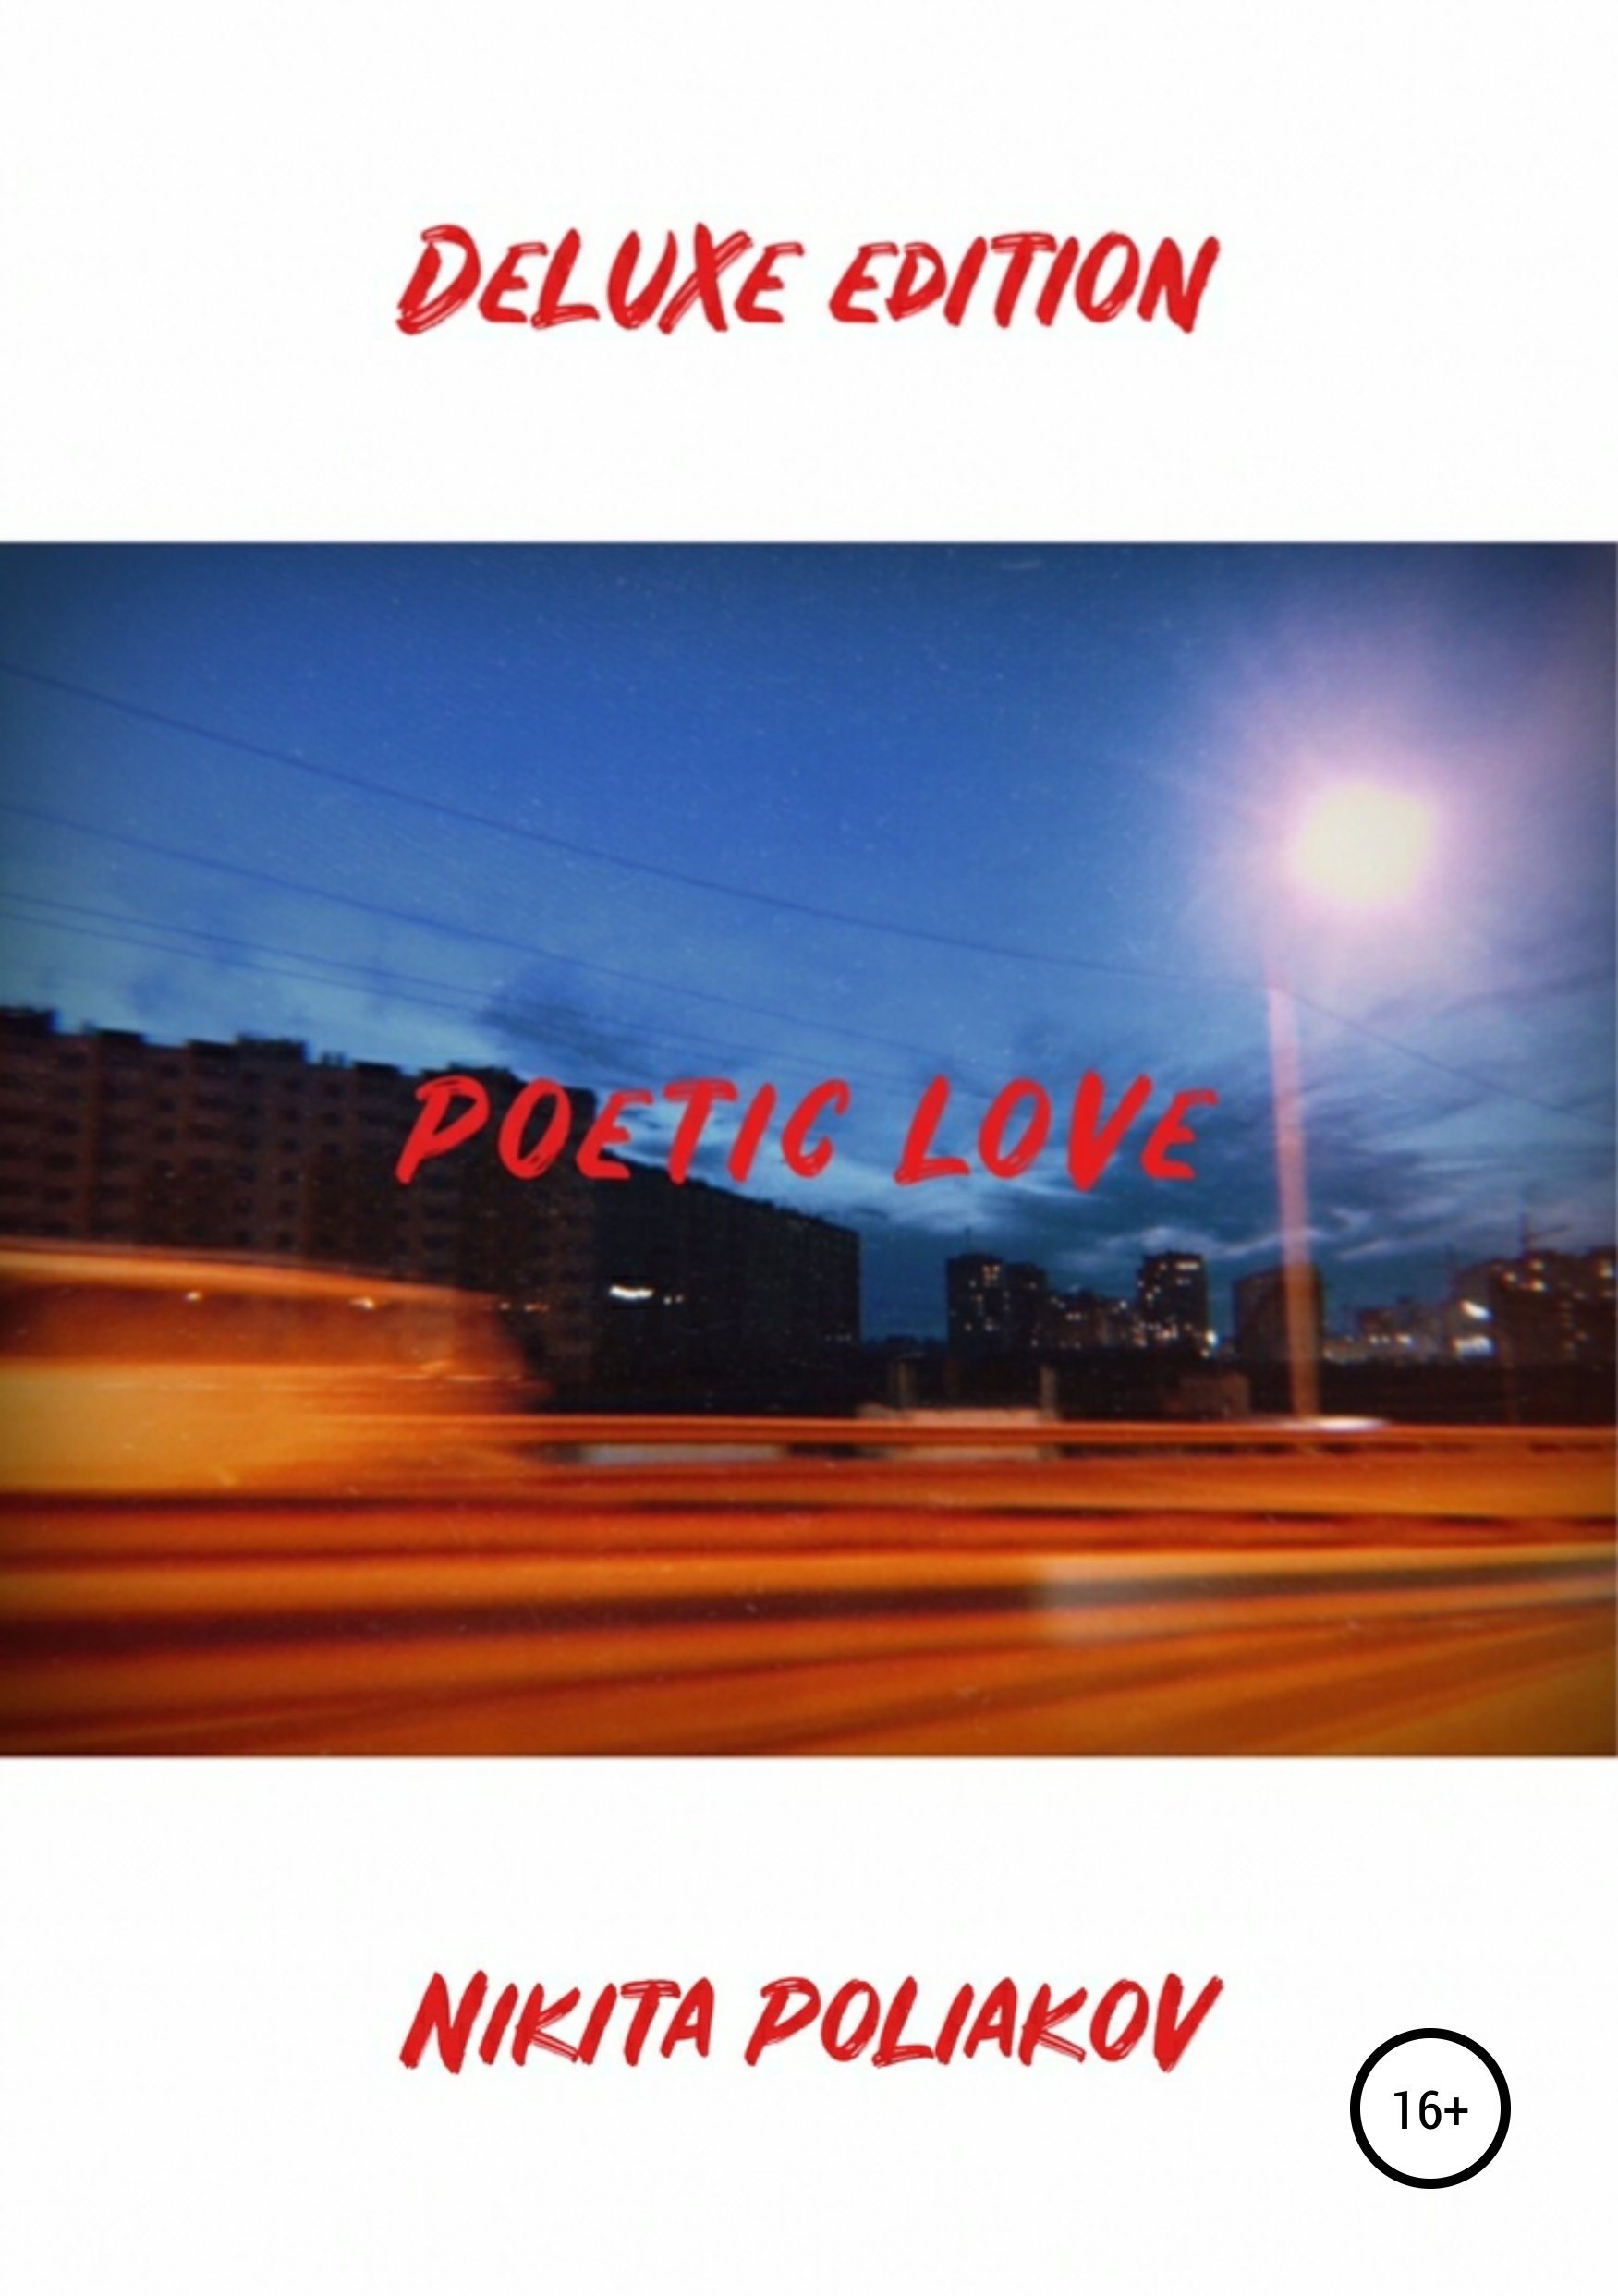 Никита Сергеевич Поляков Poetic love – Deluxe edition никита сергеевич поляков визави сборник стихотворений